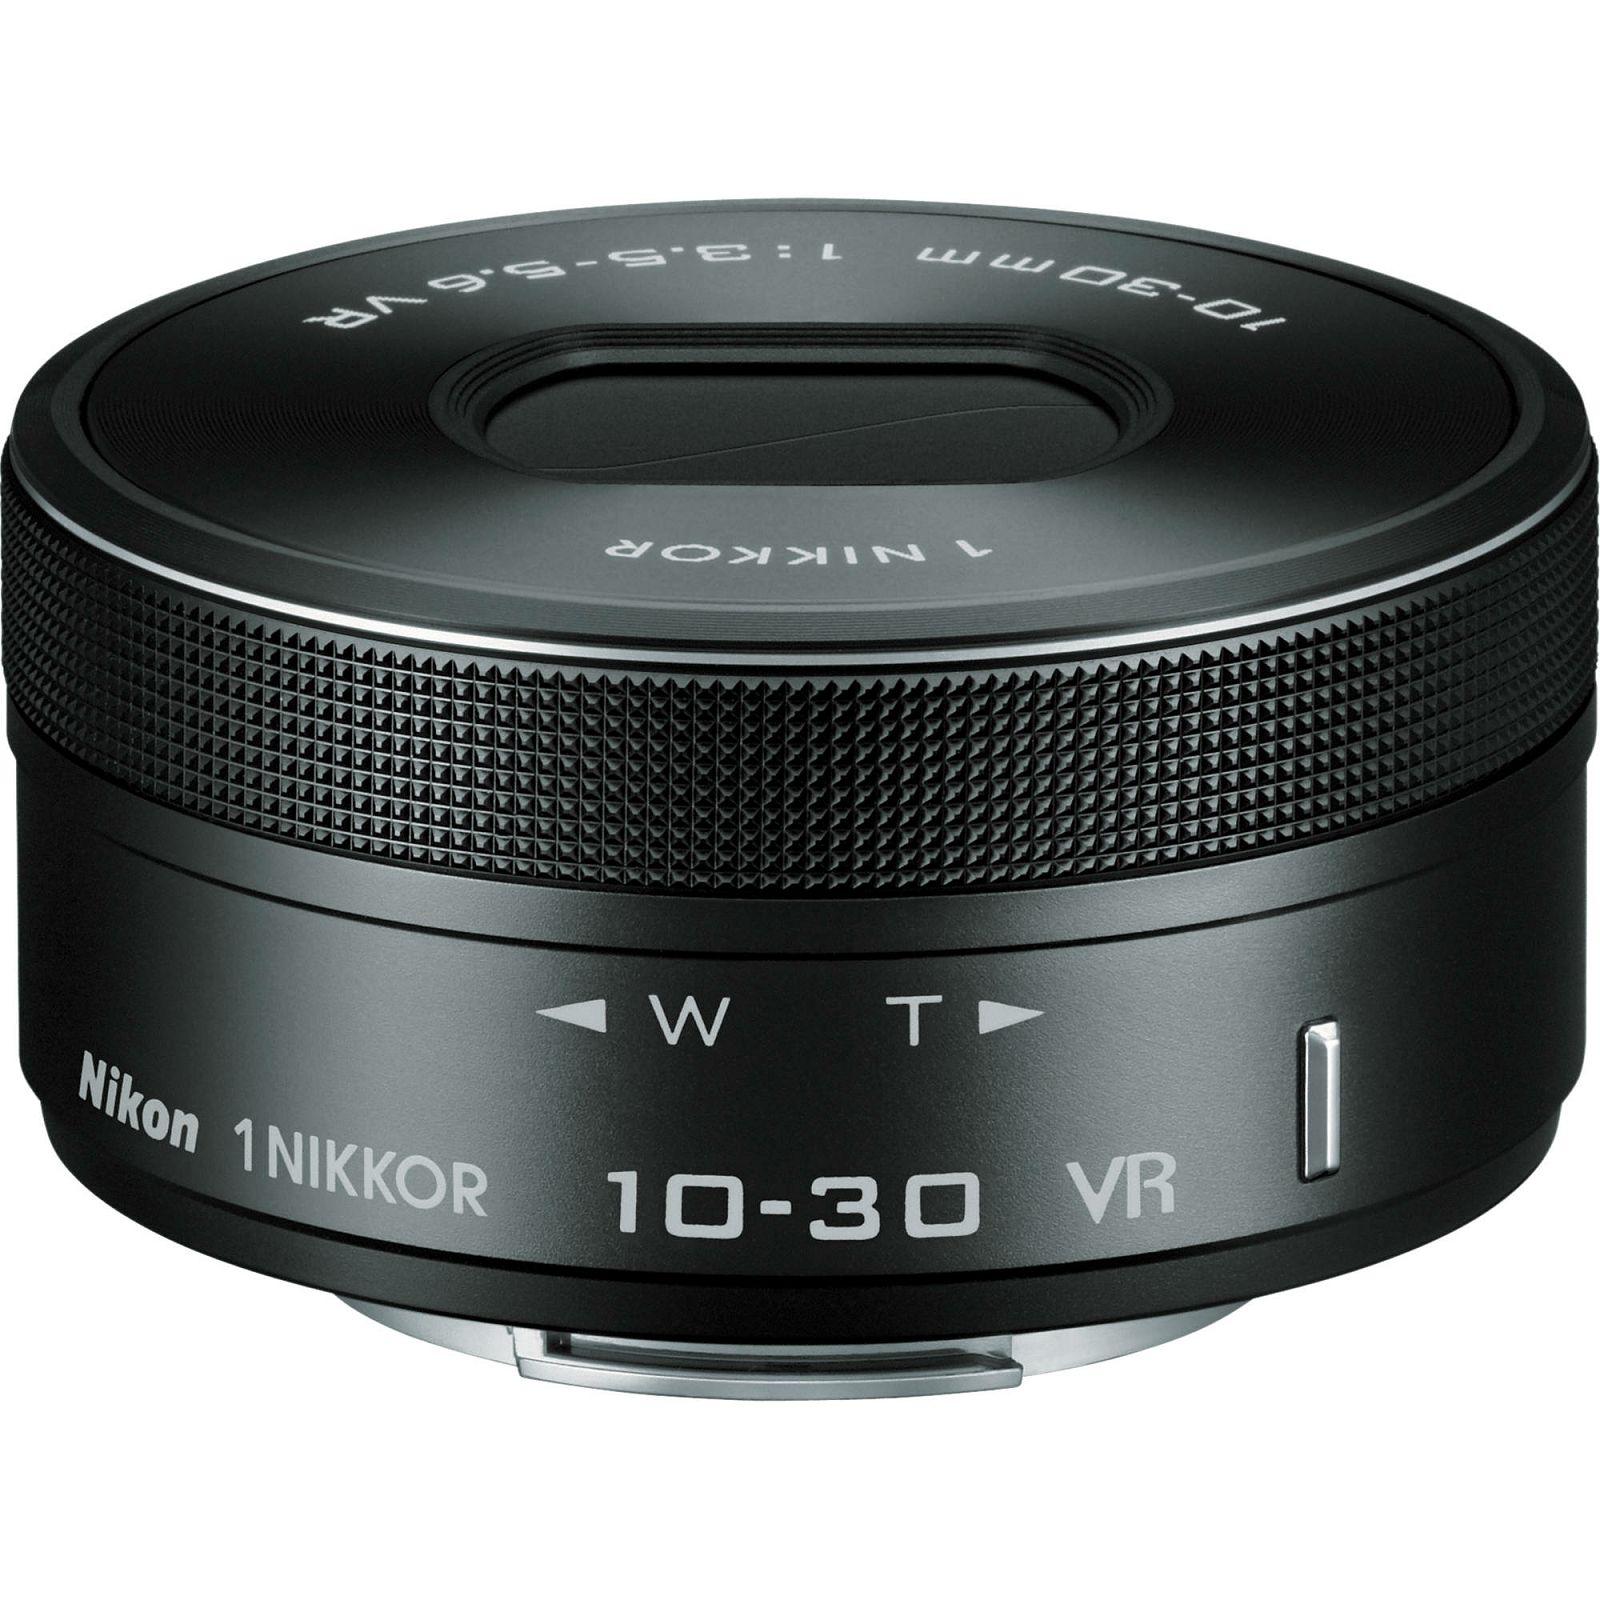 Nikon 1 NIKKOR VR 10-30mm f/3.5-5.6 PD-ZOOM Black objektiv (JVA707DA)